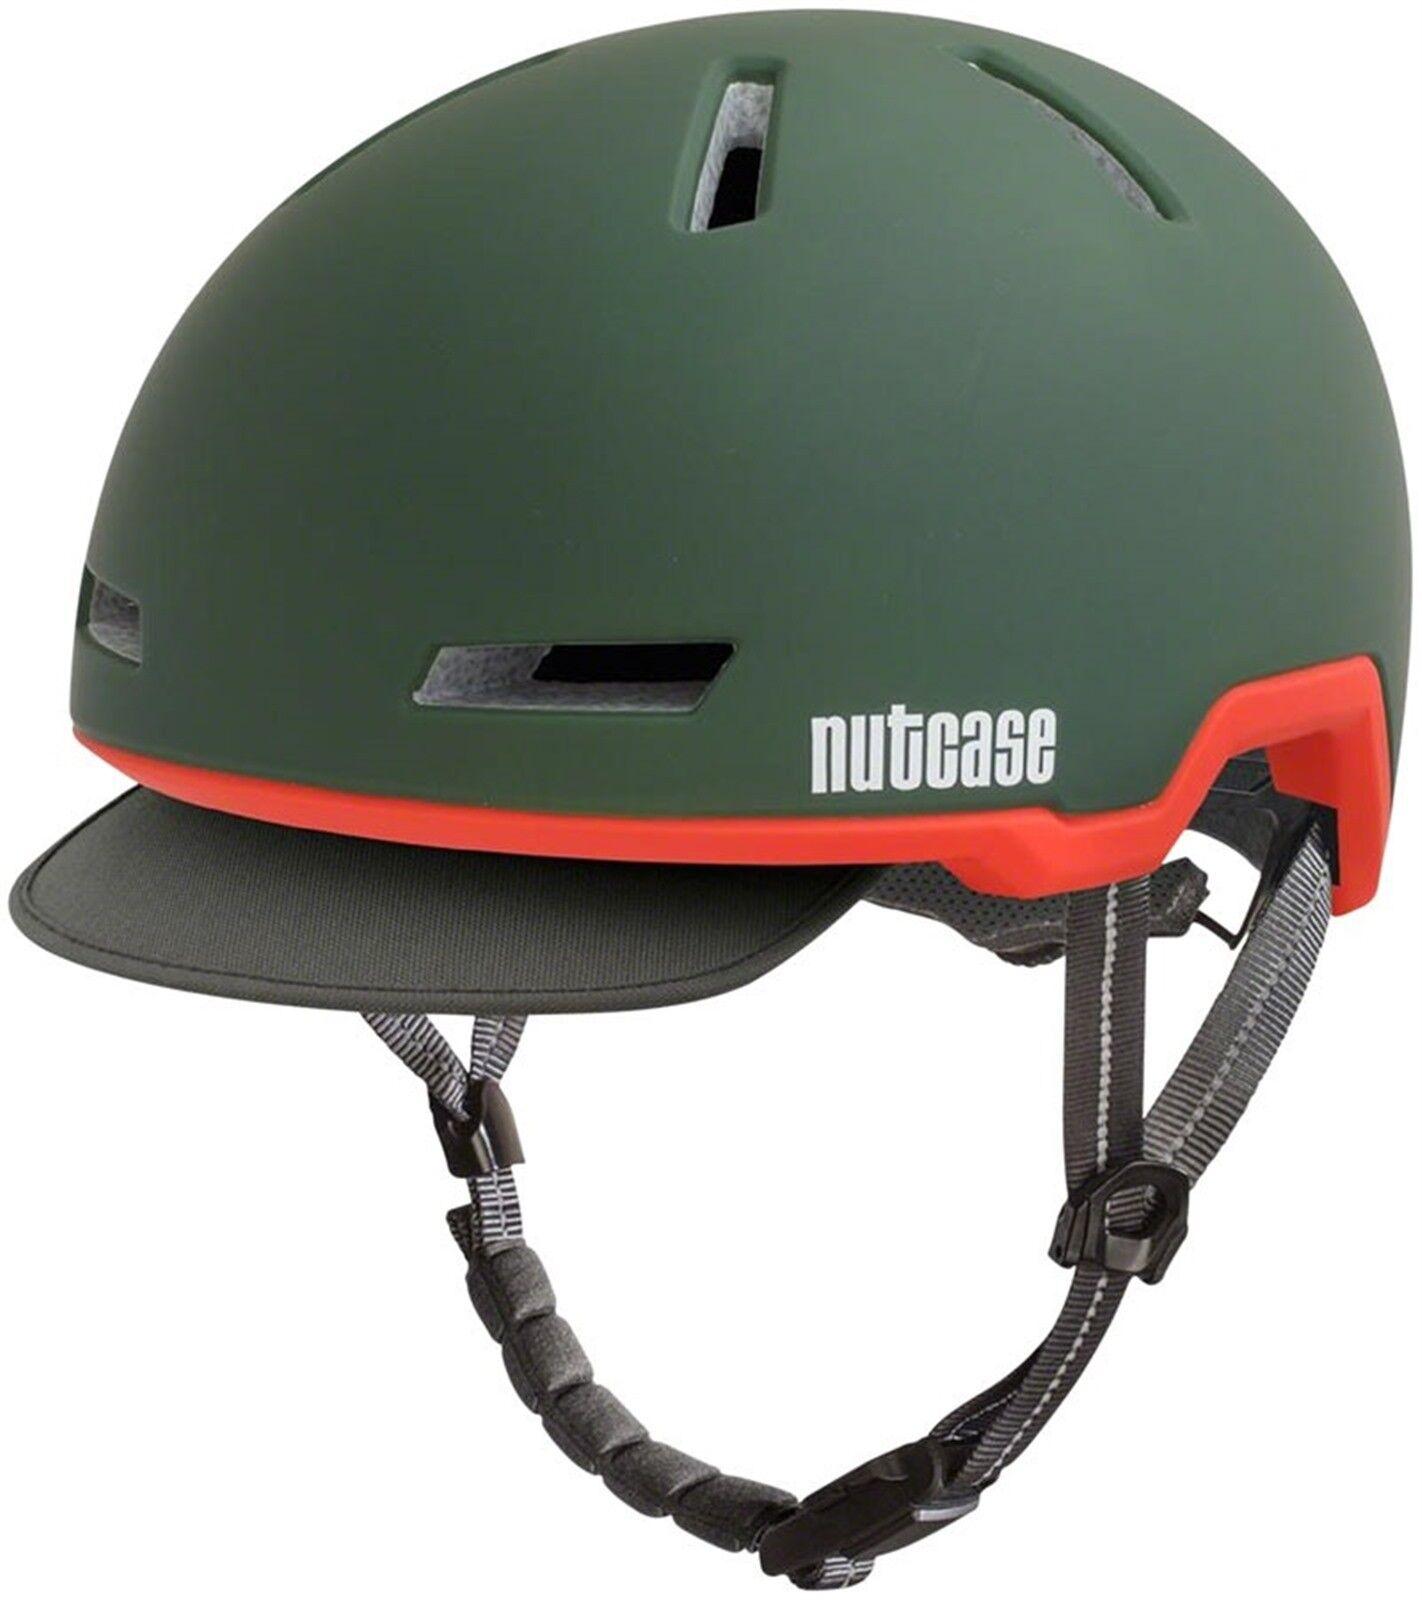 Nutcase Tracer Helmet  Cascade verde Matte MDLG